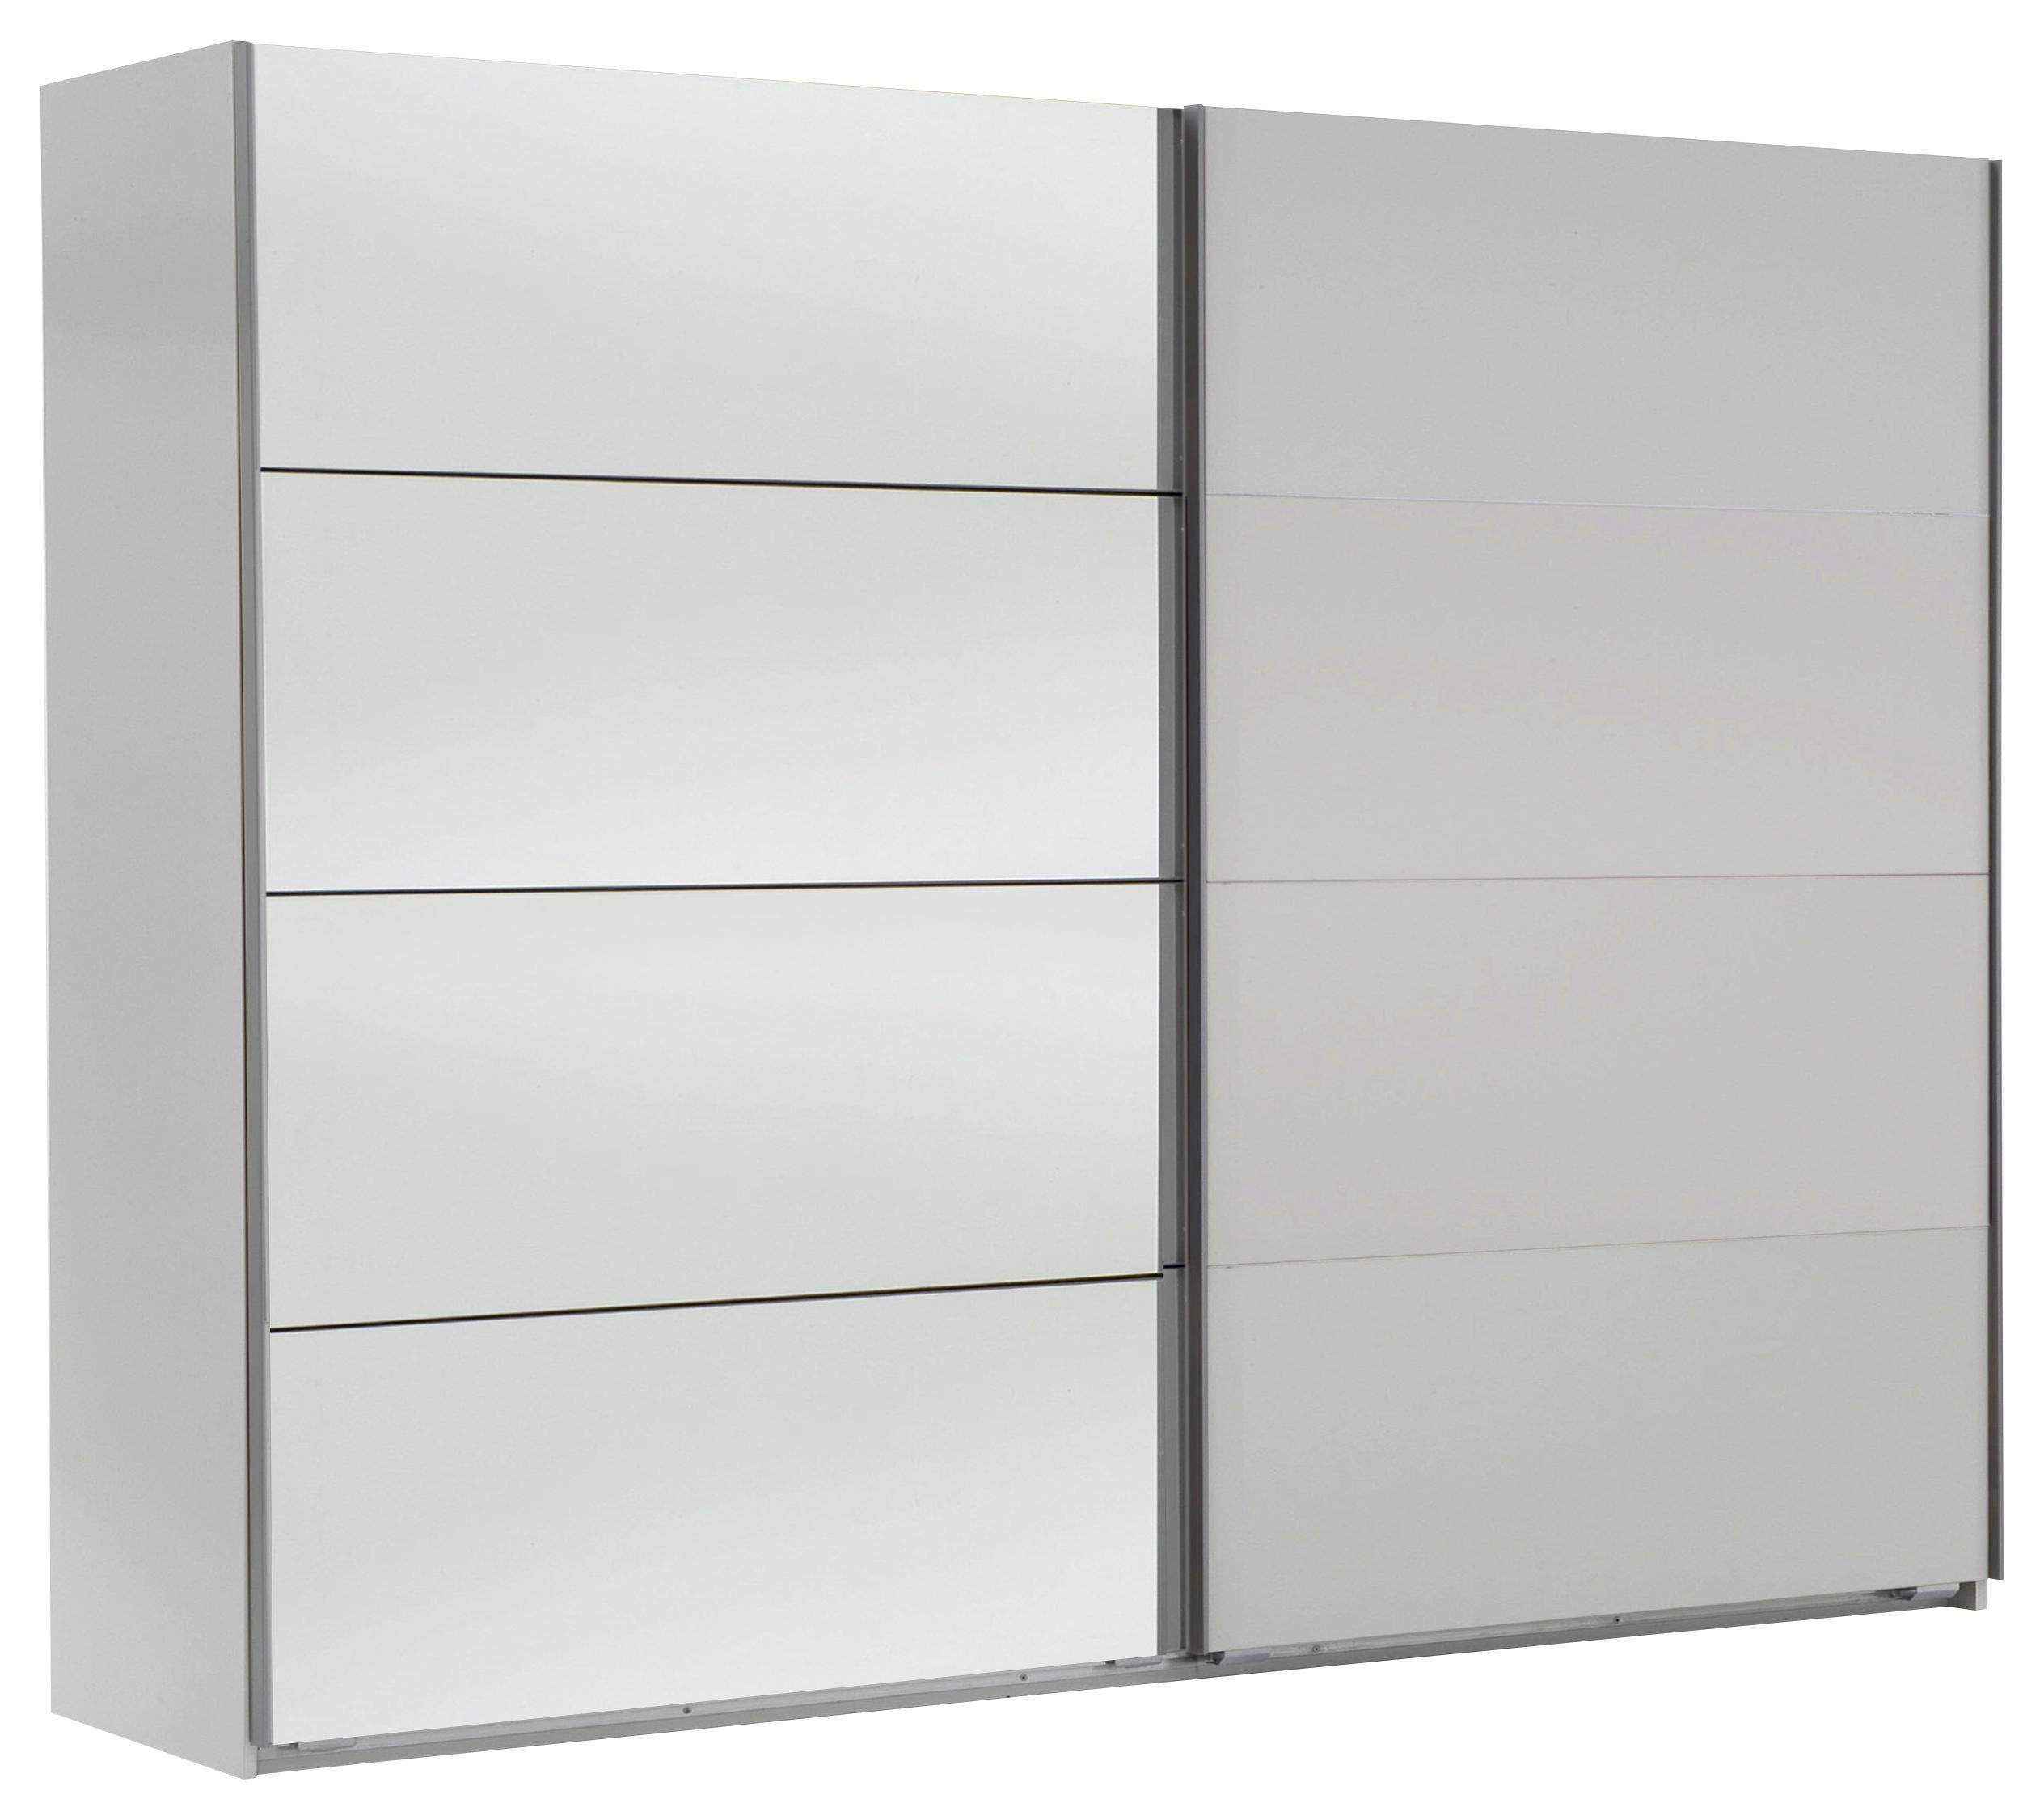 schwebetren schrank top bl lc classico ambrosia x cm wei hochglanz lackiert with schwebetren. Black Bedroom Furniture Sets. Home Design Ideas